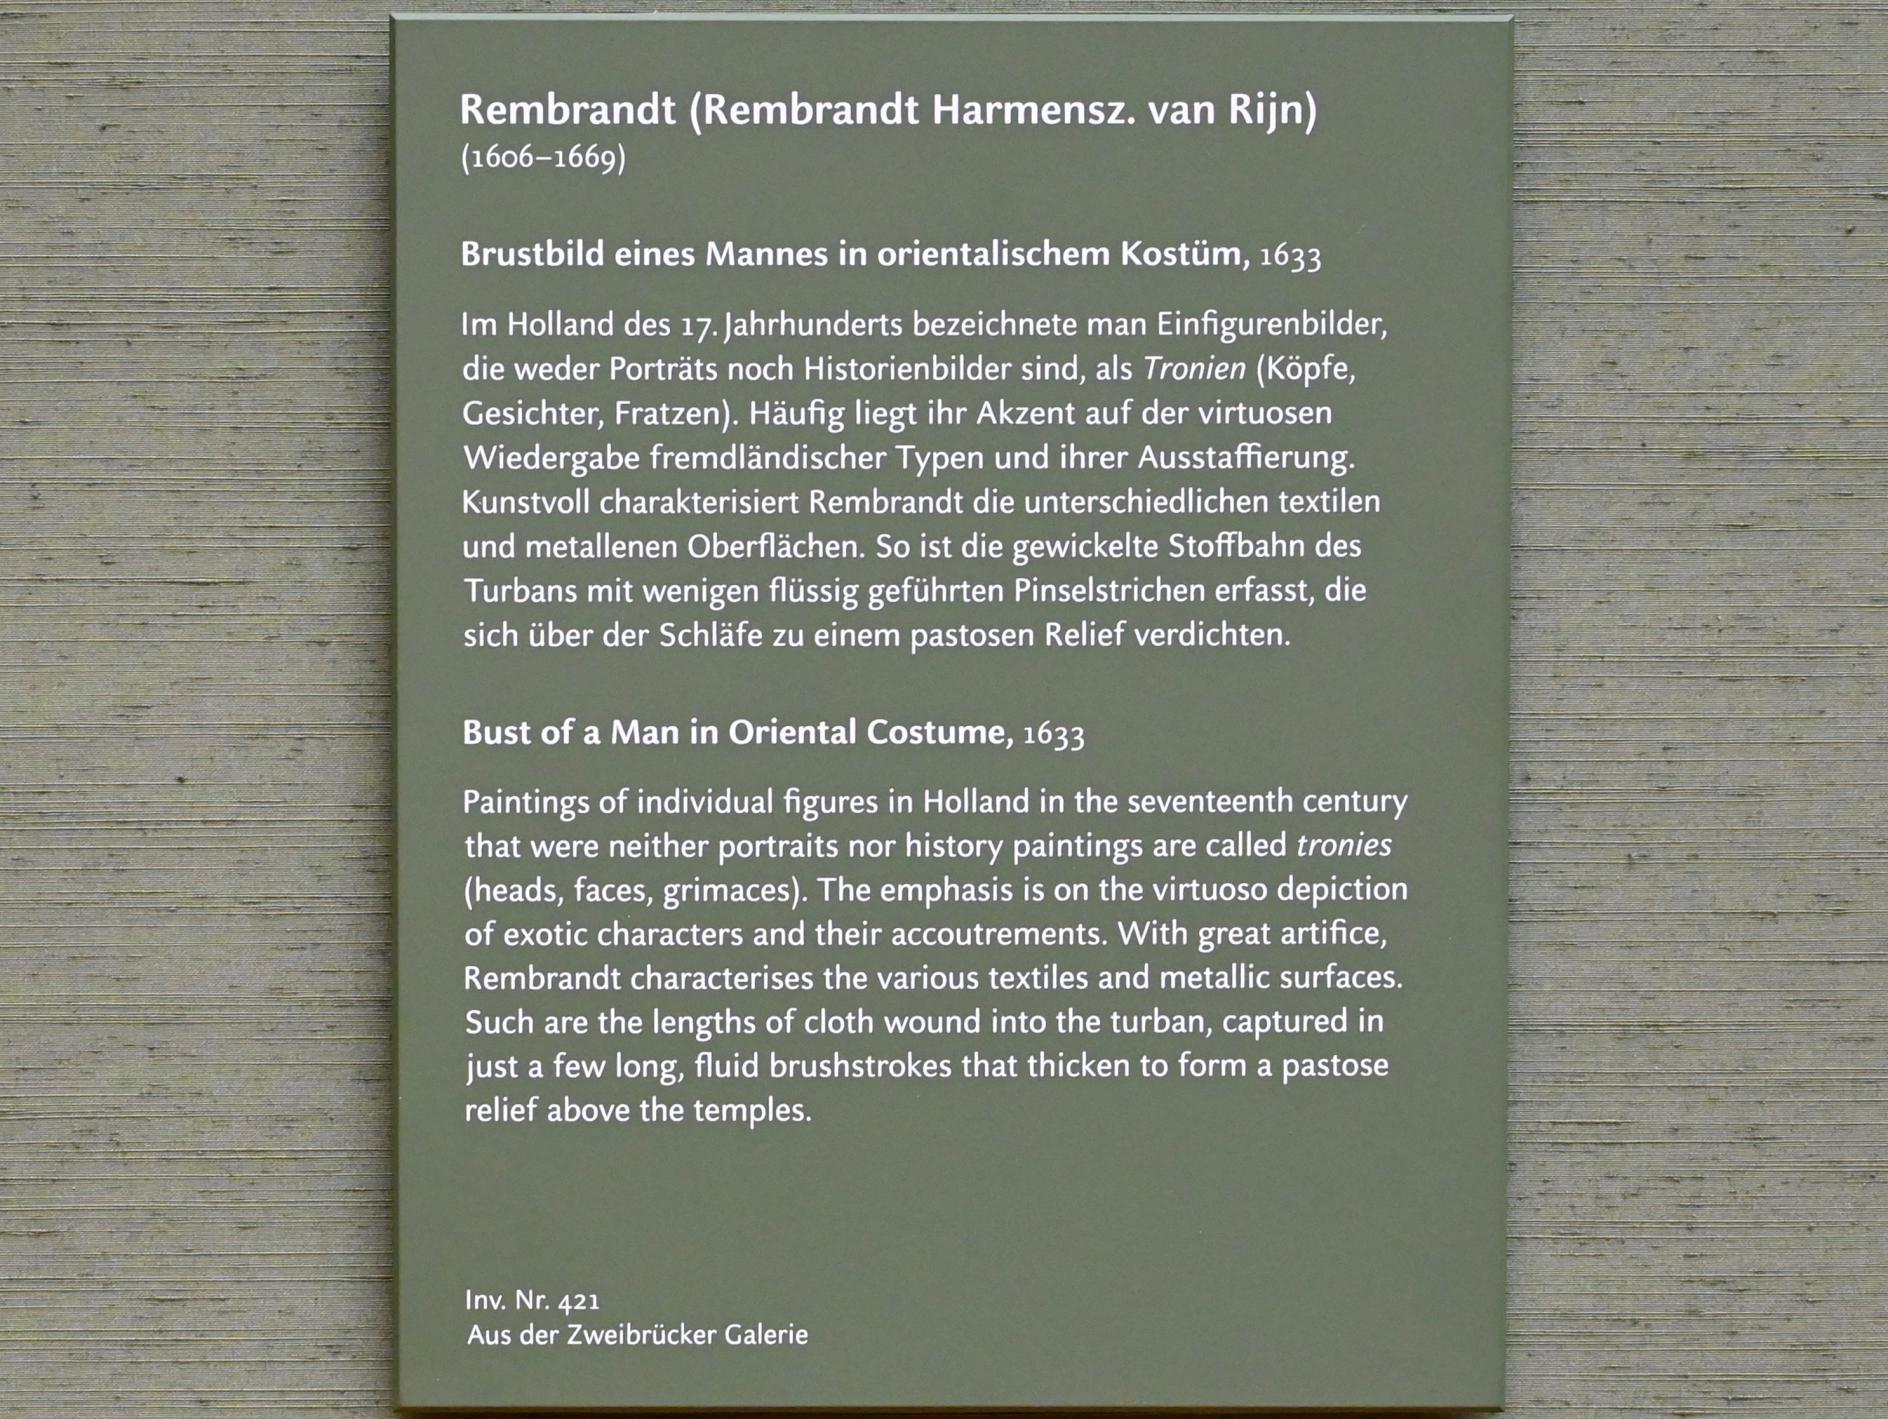 Rembrandt (Rembrandt Harmenszoon van Rijn): Brustbild eines Mannes in orientalischem Kostüm, 1633, Bild 2/2